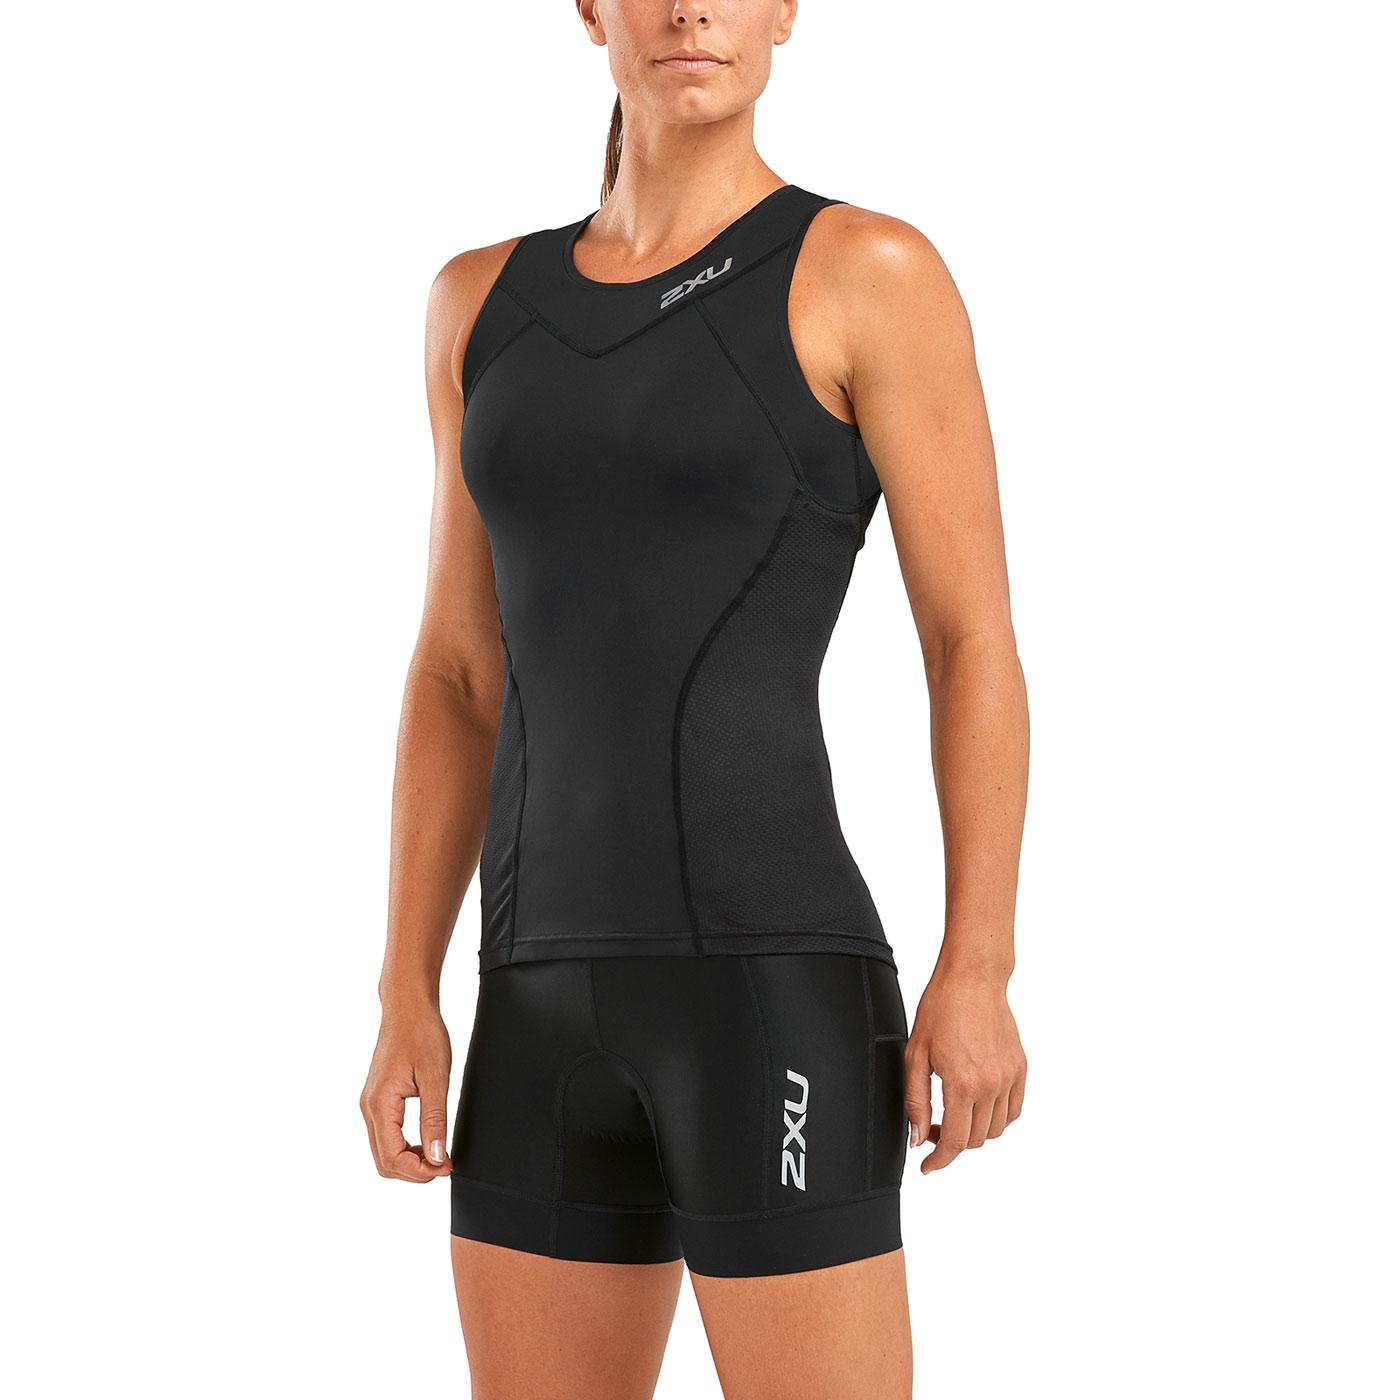 Imagen de 2XU Active Triatlón Camiseta para mujer - black/black